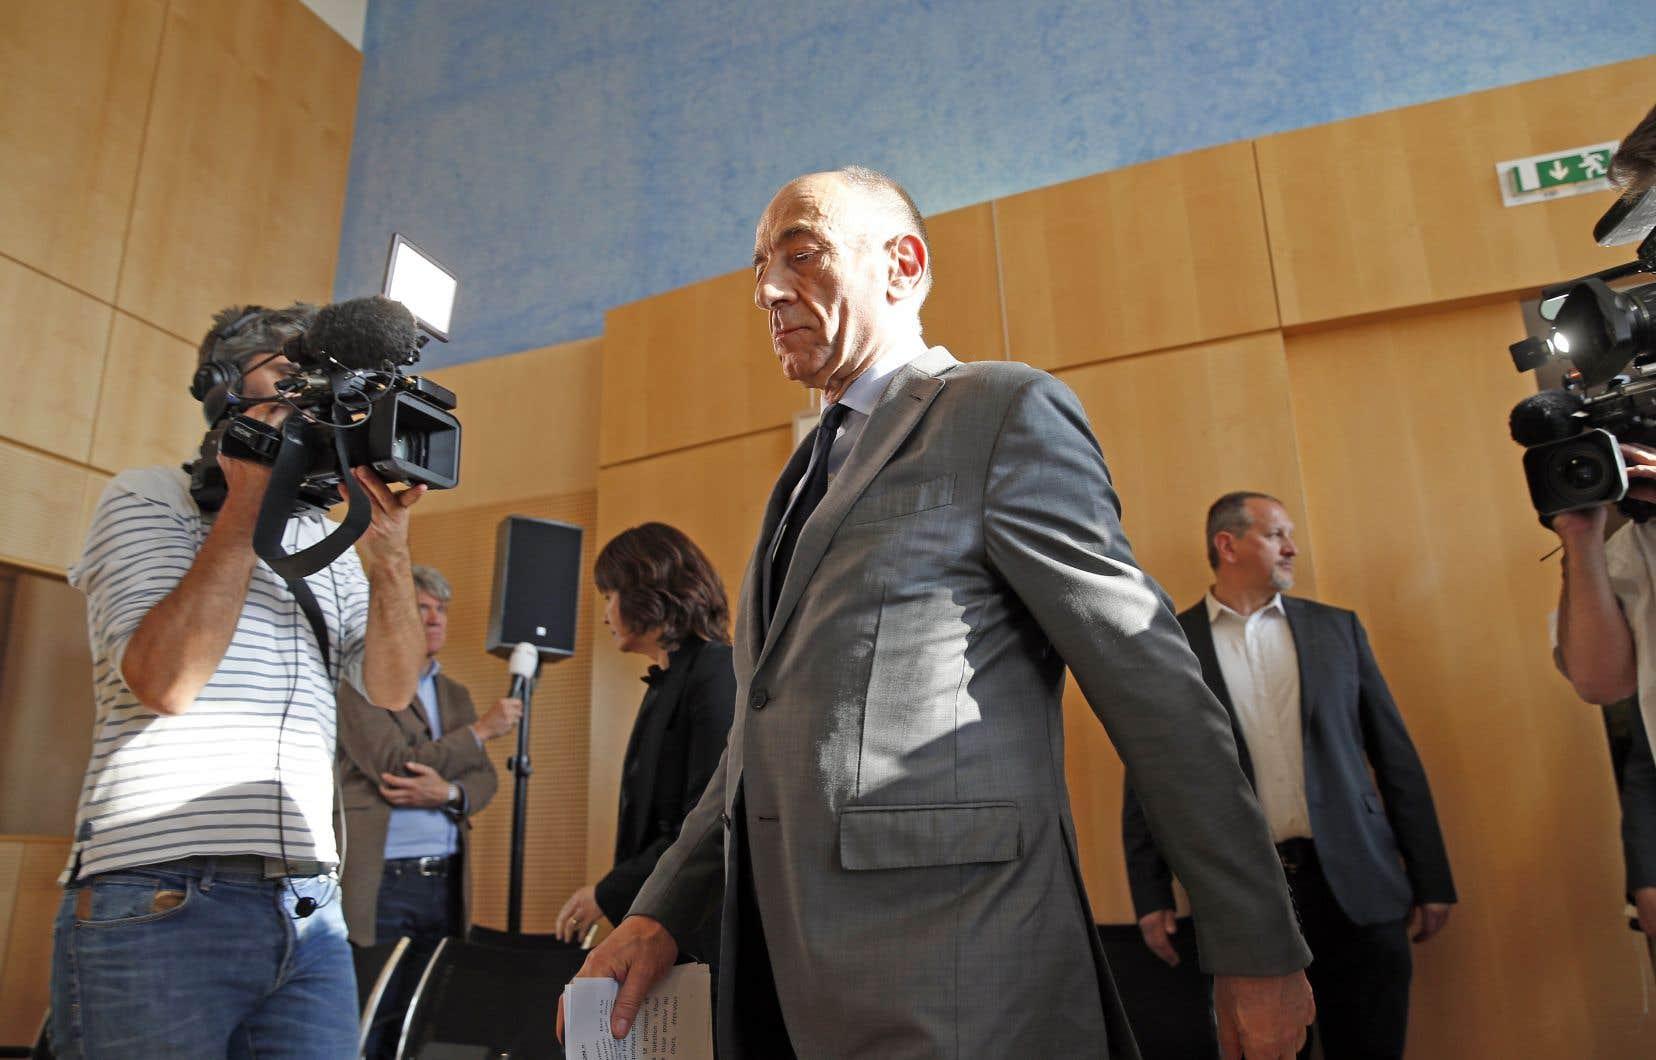 «Ce vote est la traduction d'un malaise, il appelle une transformation profonde», a déclaré Jean-Marc Janaillac.